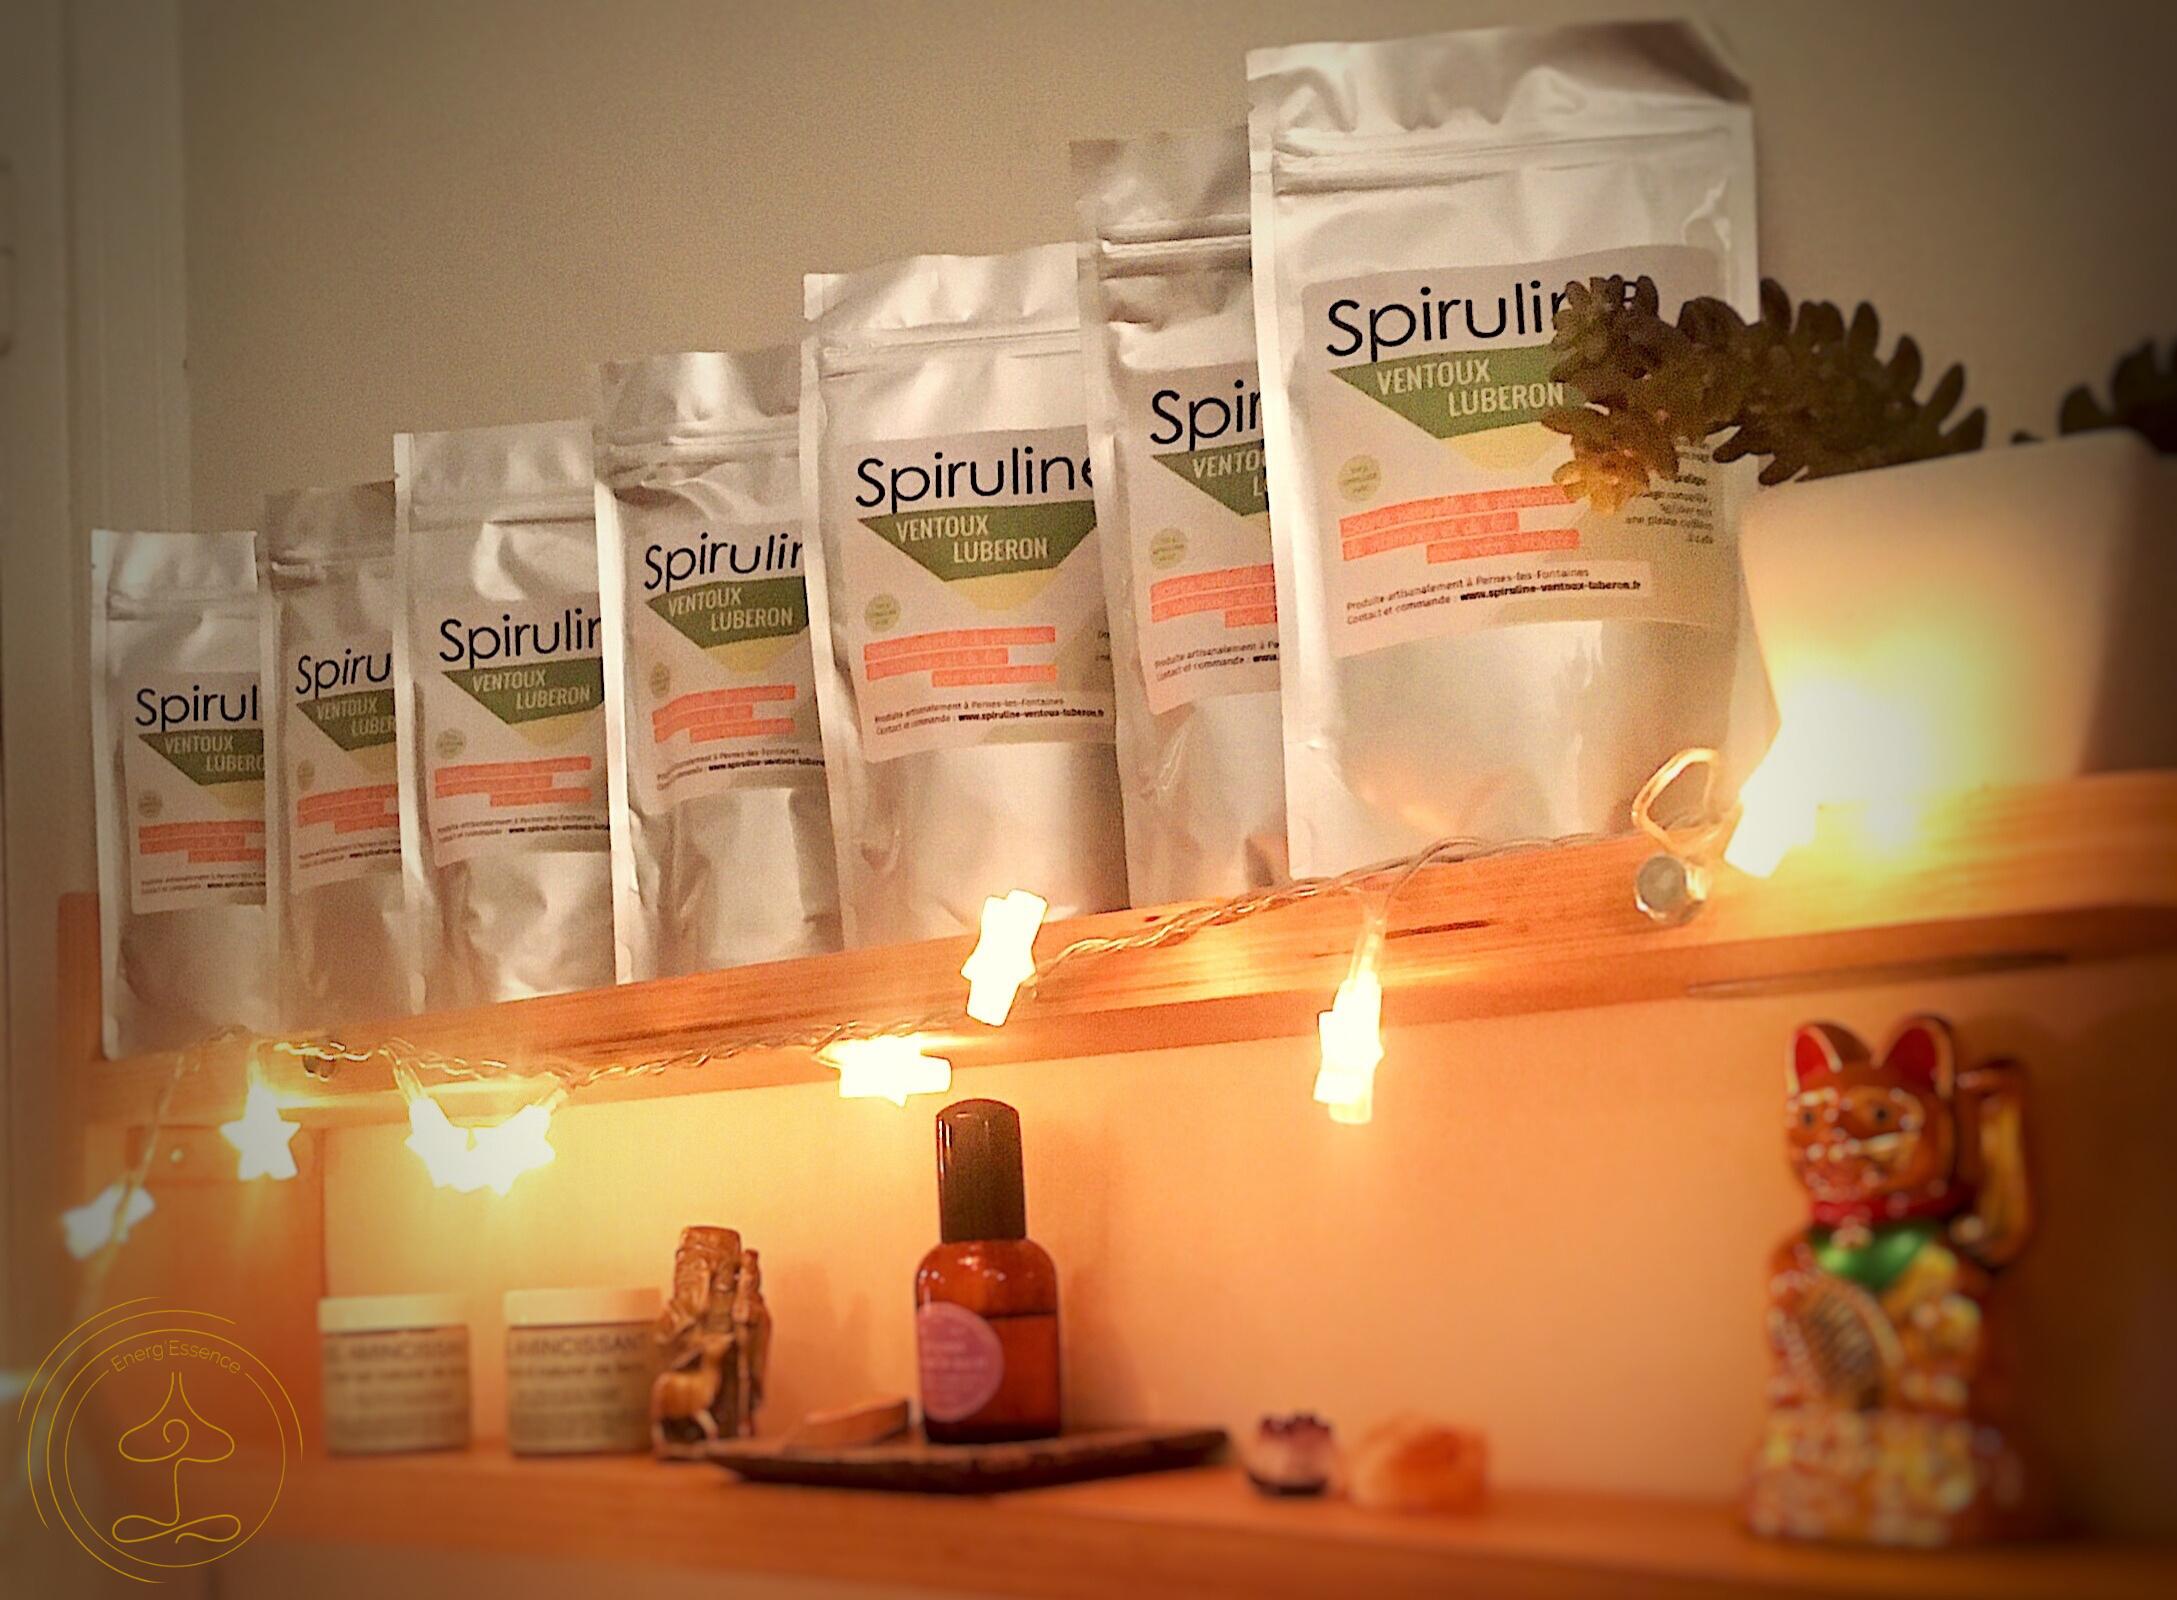 La Spiruline, l'aliment aux vertus miraculeuses !